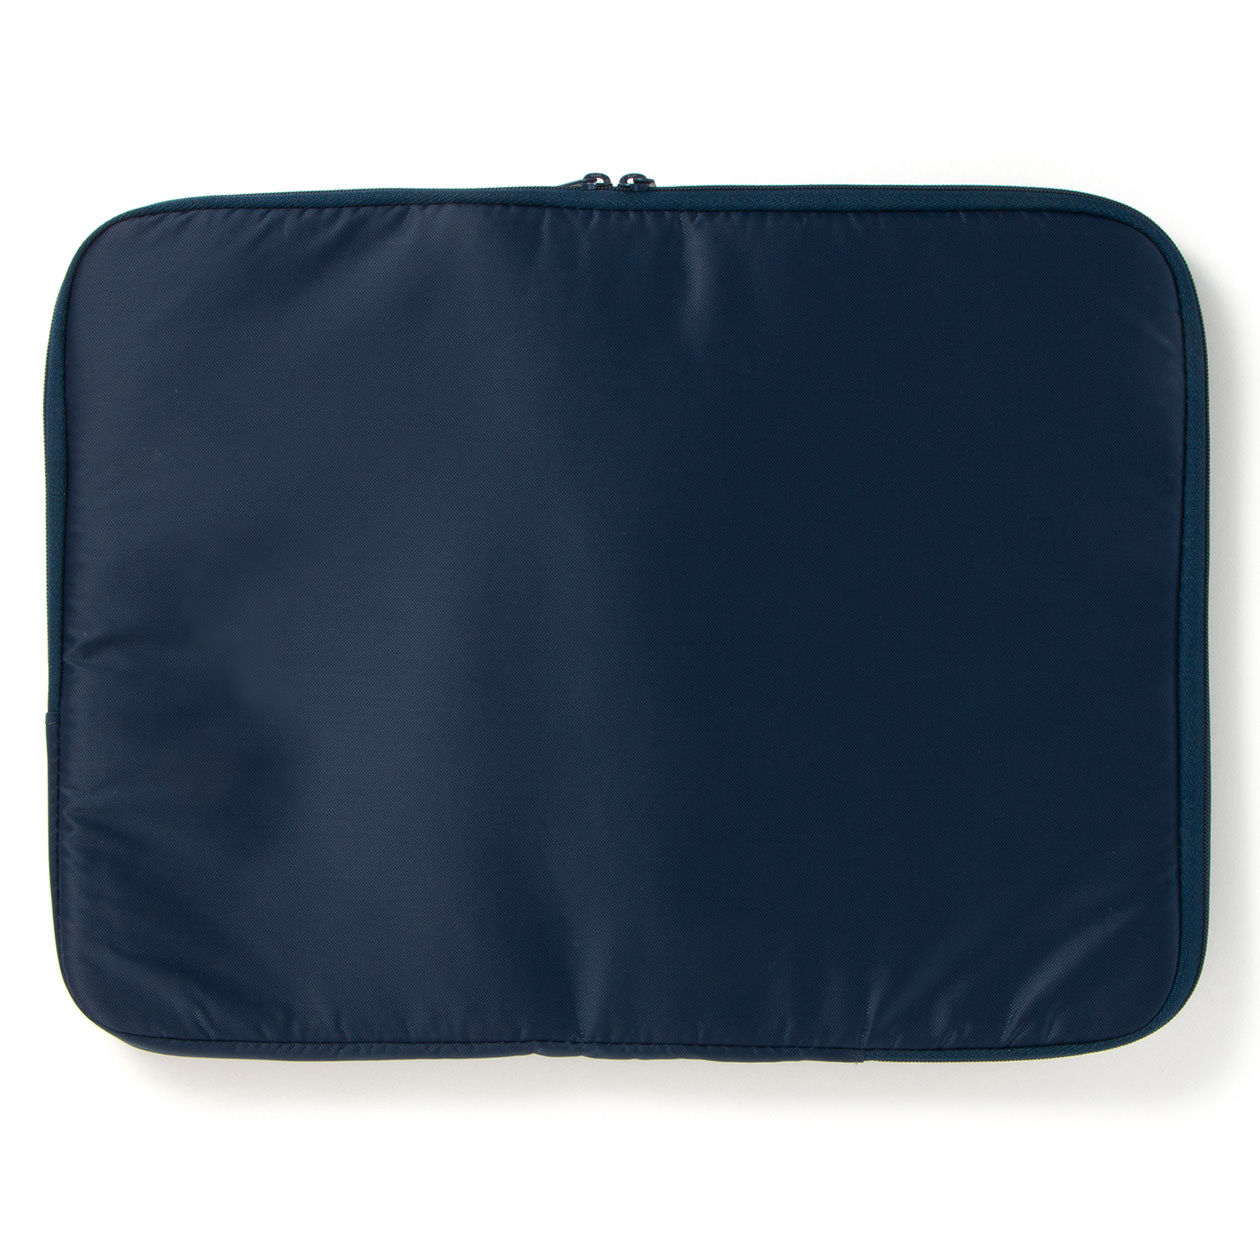 無印良品の厚手毛布 この毛布一枚にいつまでも包まれたい